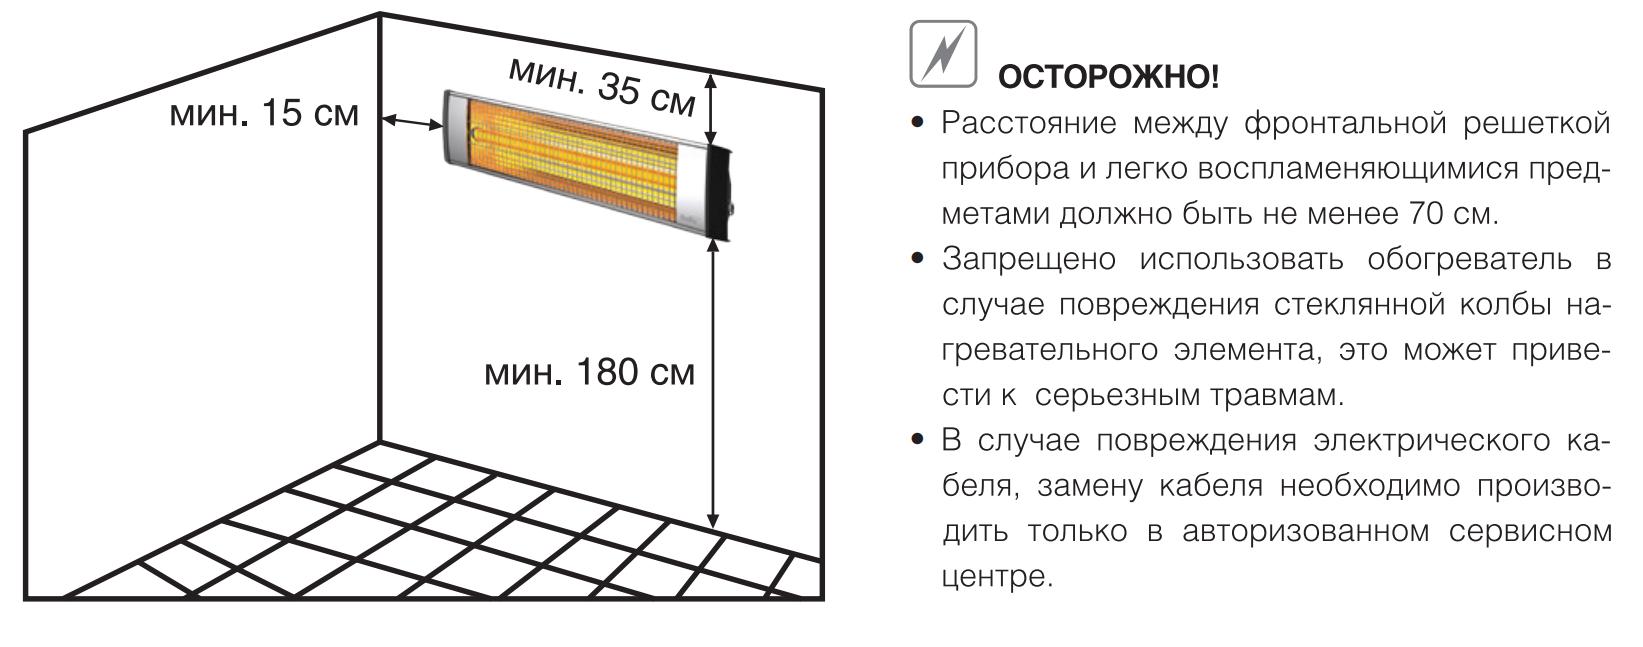 Керамические обогреватели — виды и принцип работы. жми!